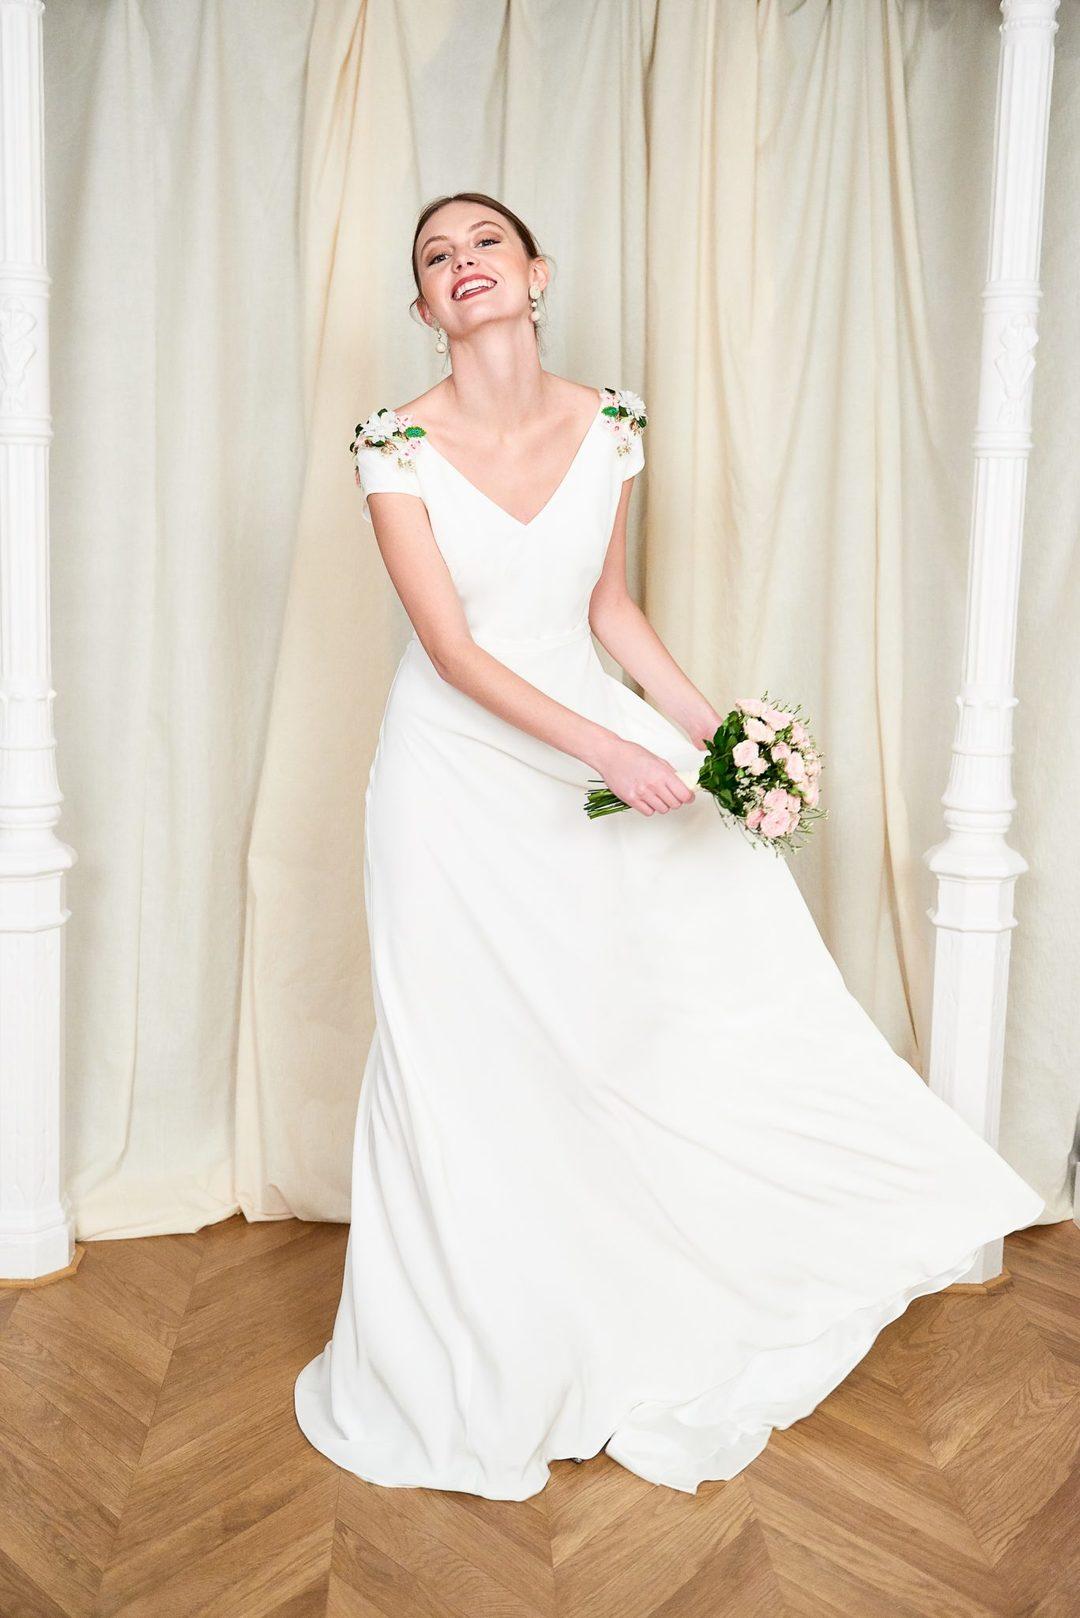 chiara body and skirt dress photo